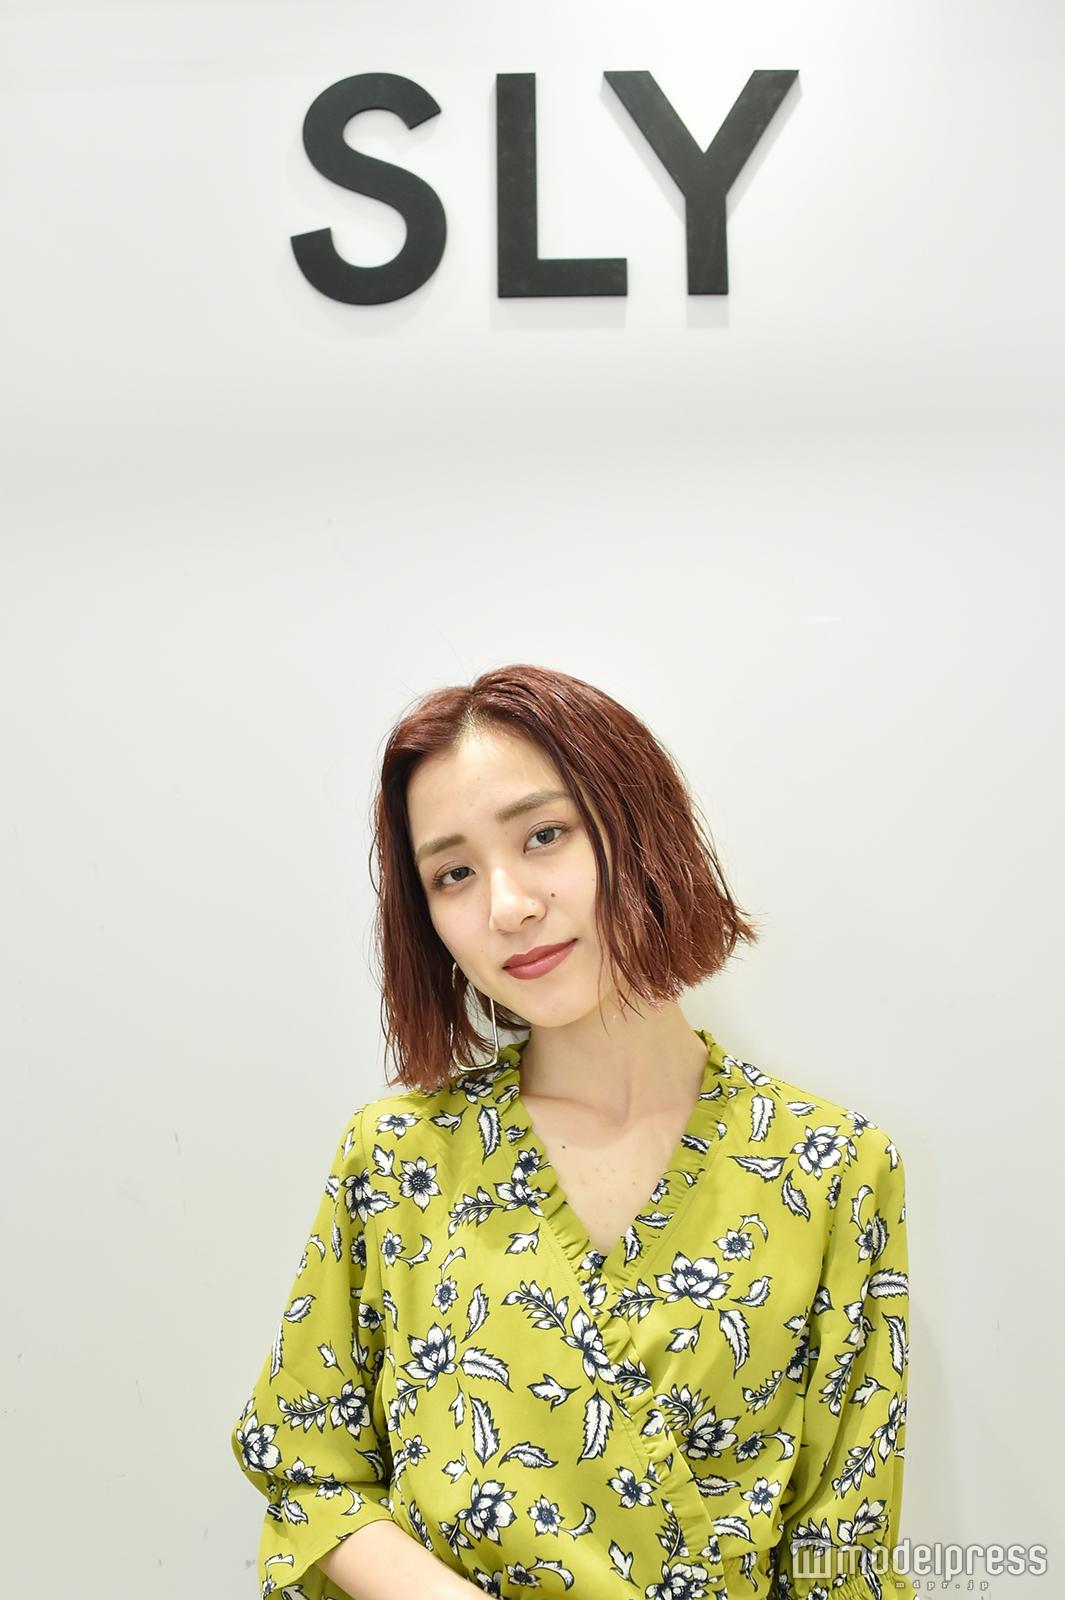 「SLY」販売スタッフ兼ビジュアルスタッフの先久舞子さん(C)モデルプレス